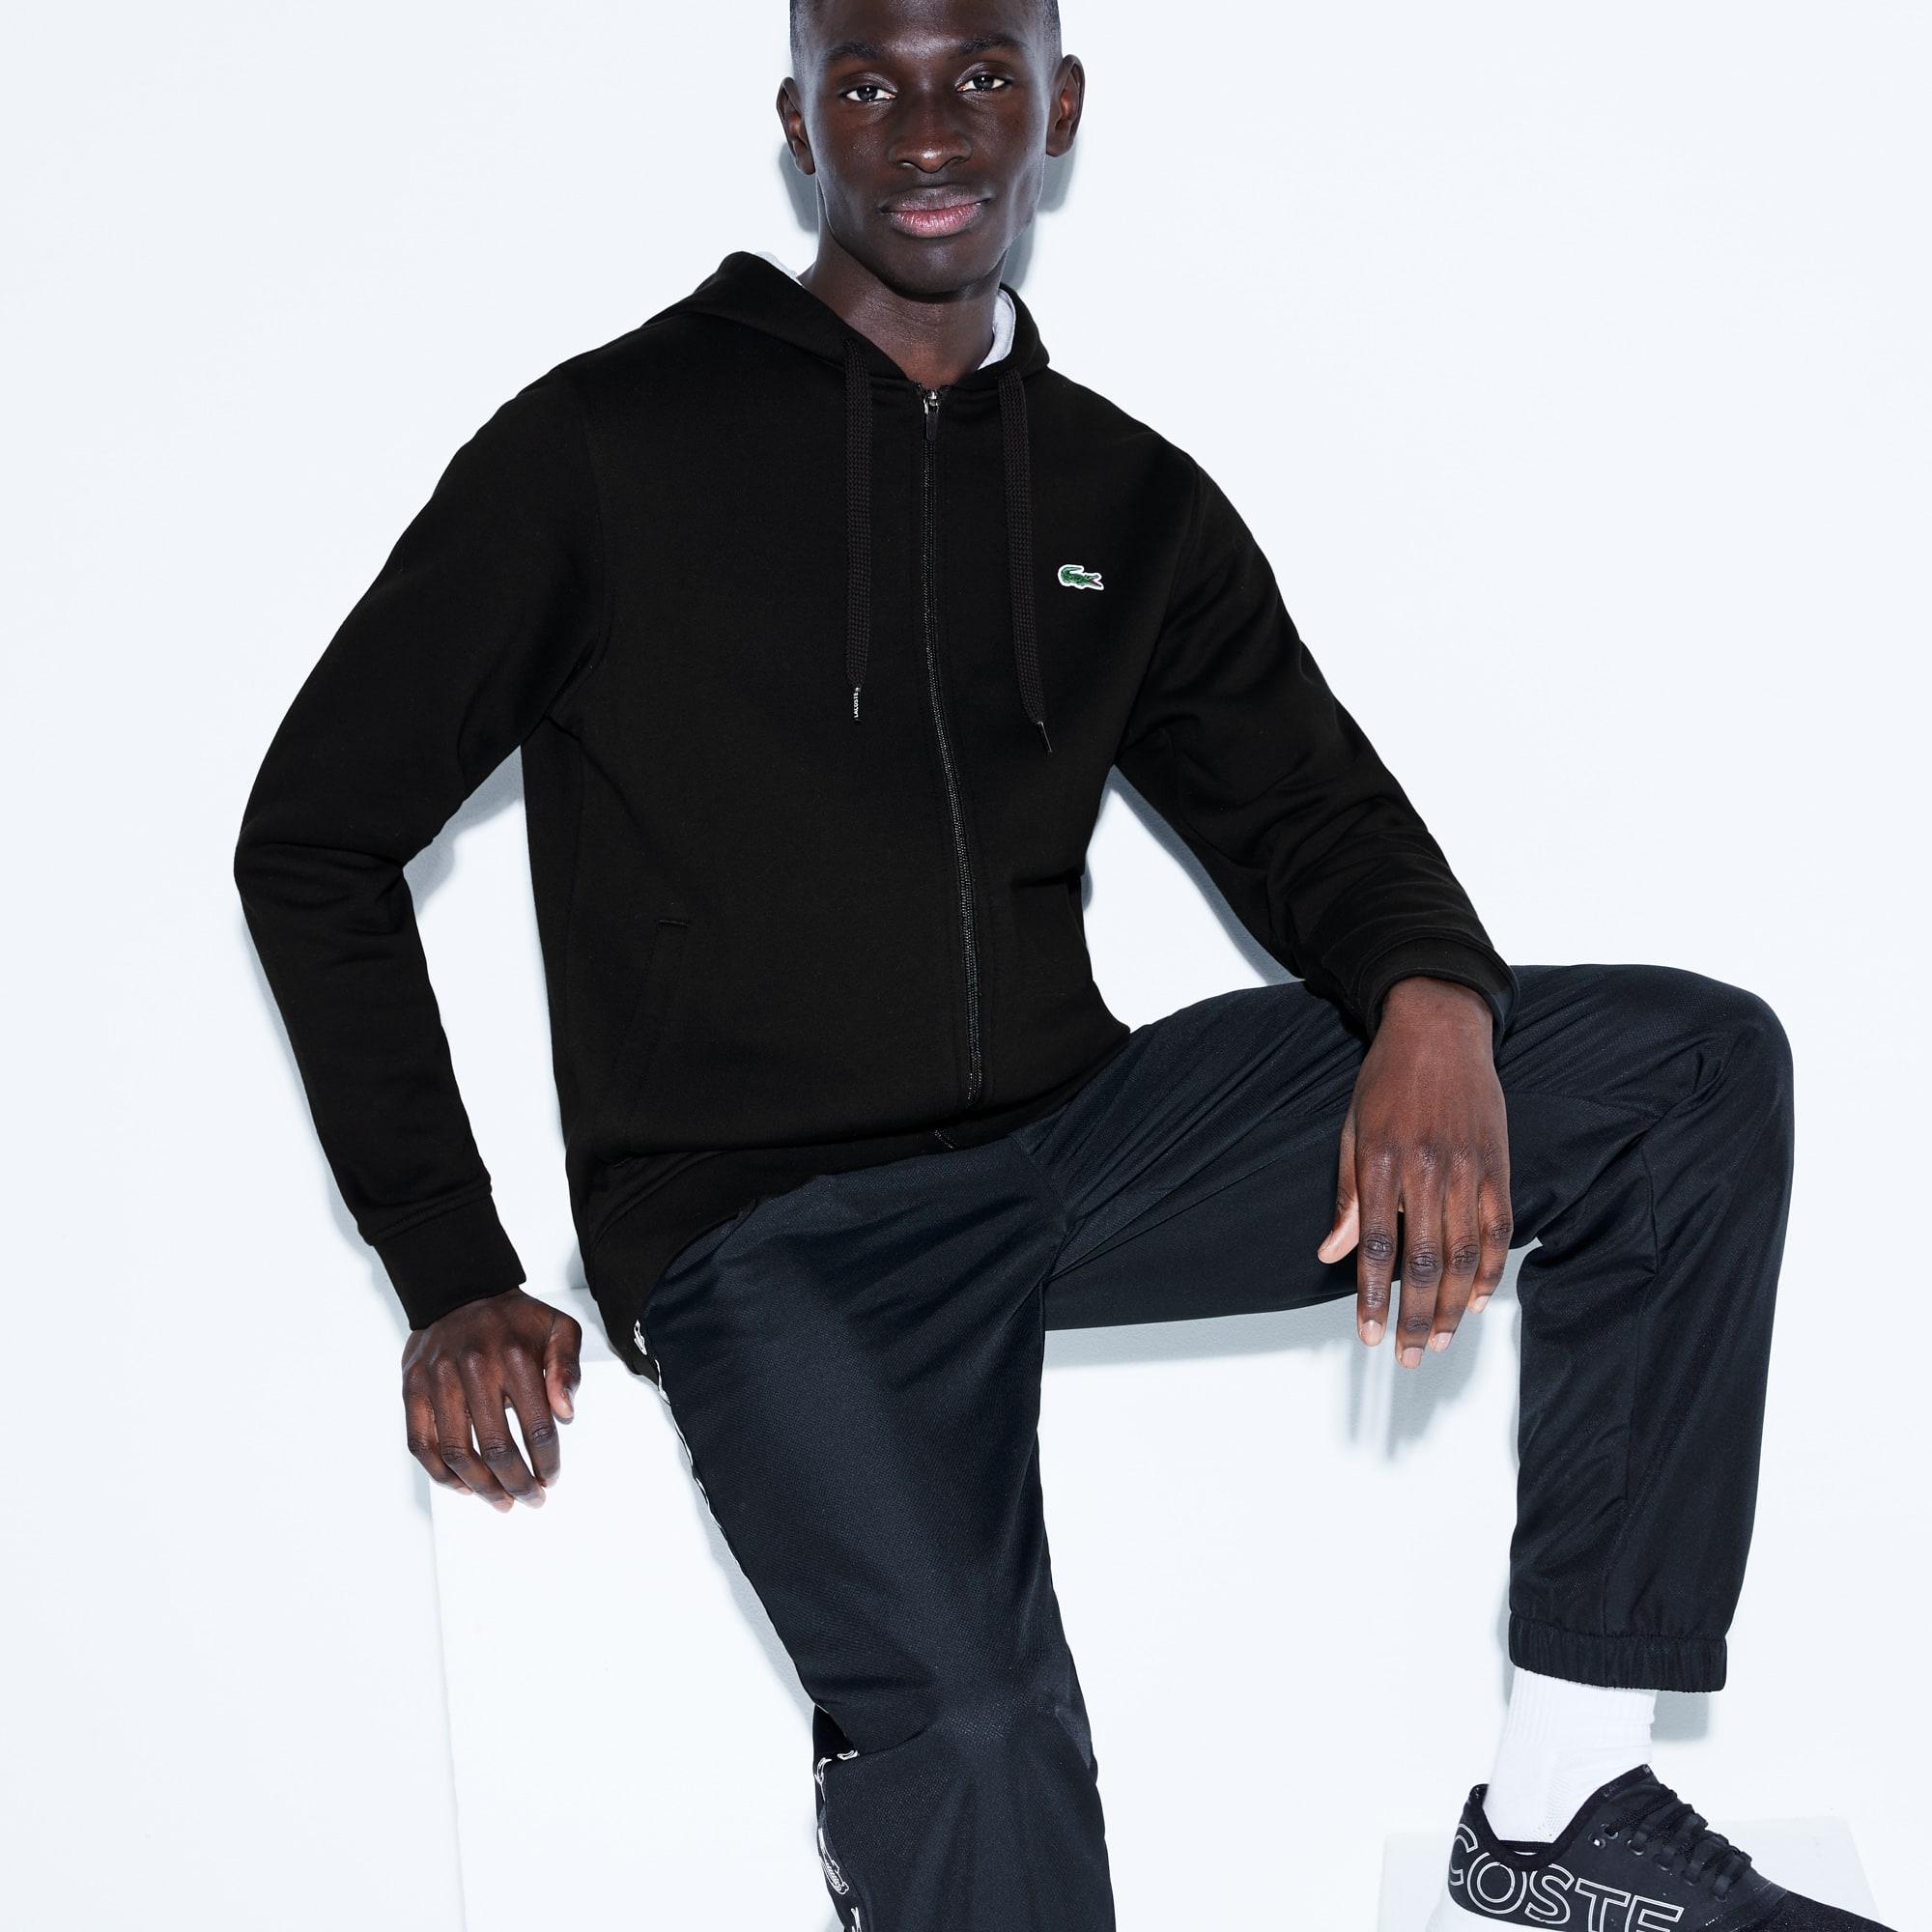 prix incroyables Couleurs variées acheter maintenant Sweatshirt zippé à capuche Tennis Lacoste SPORT en molleton uni